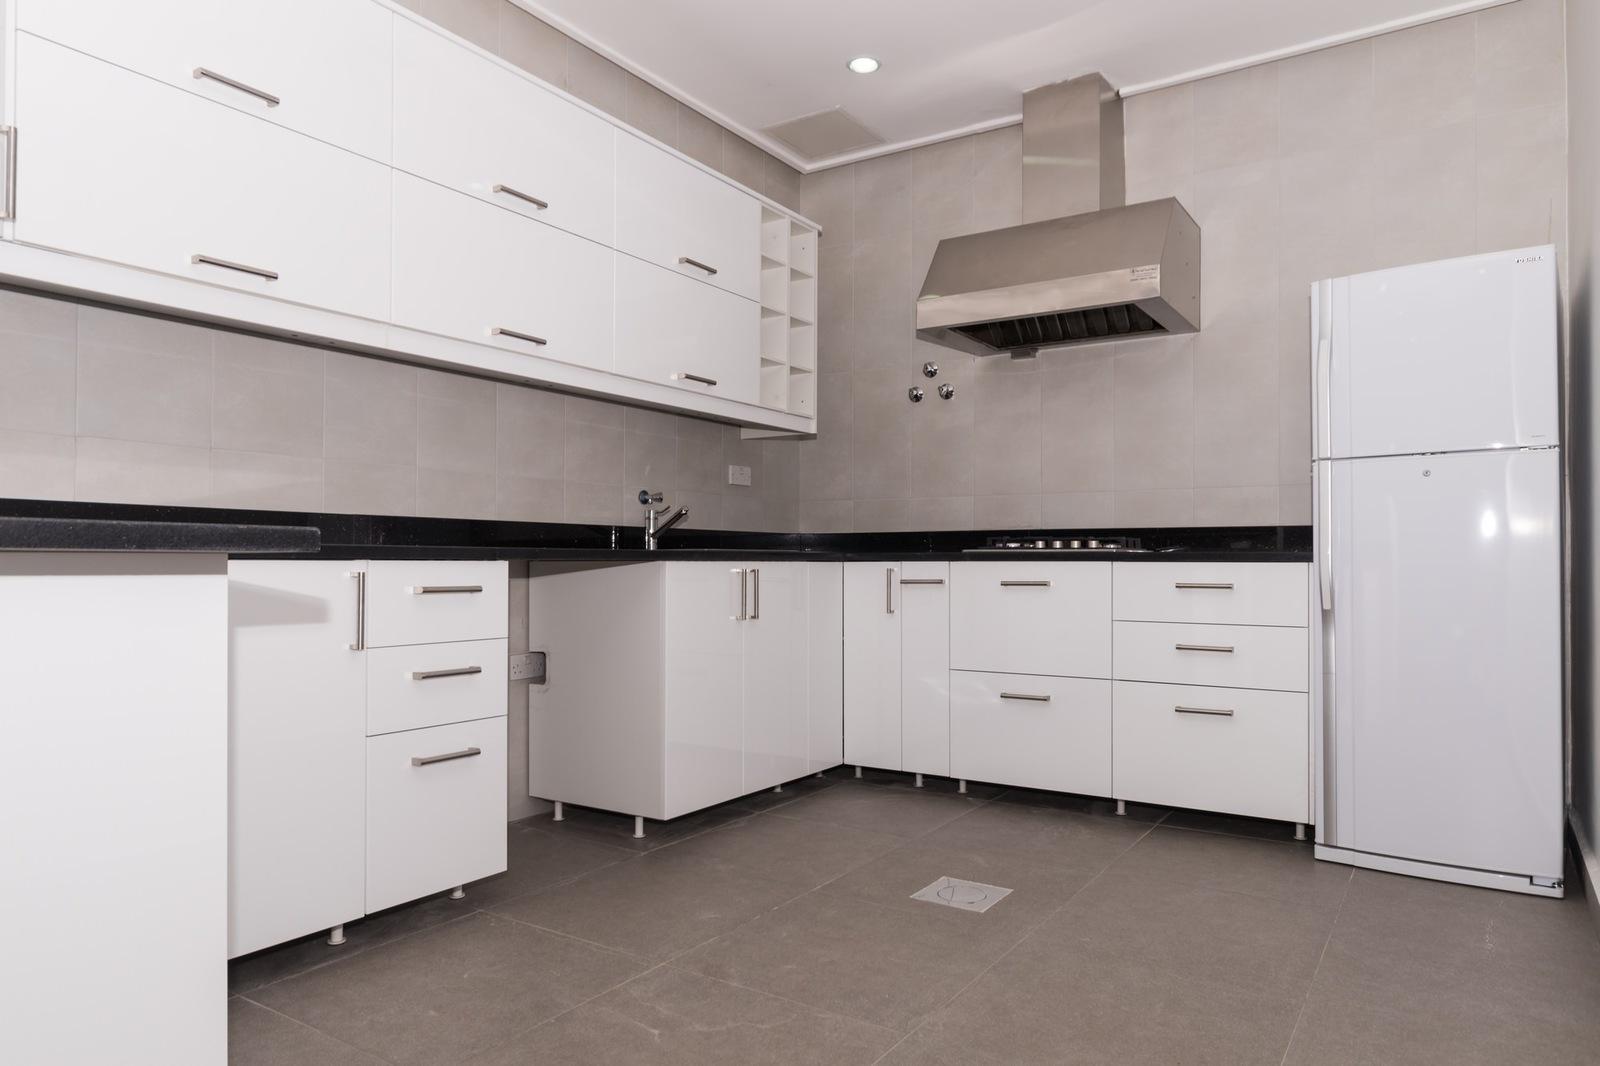 Abu Fatira – new, unfurnished, three bedroom apartment